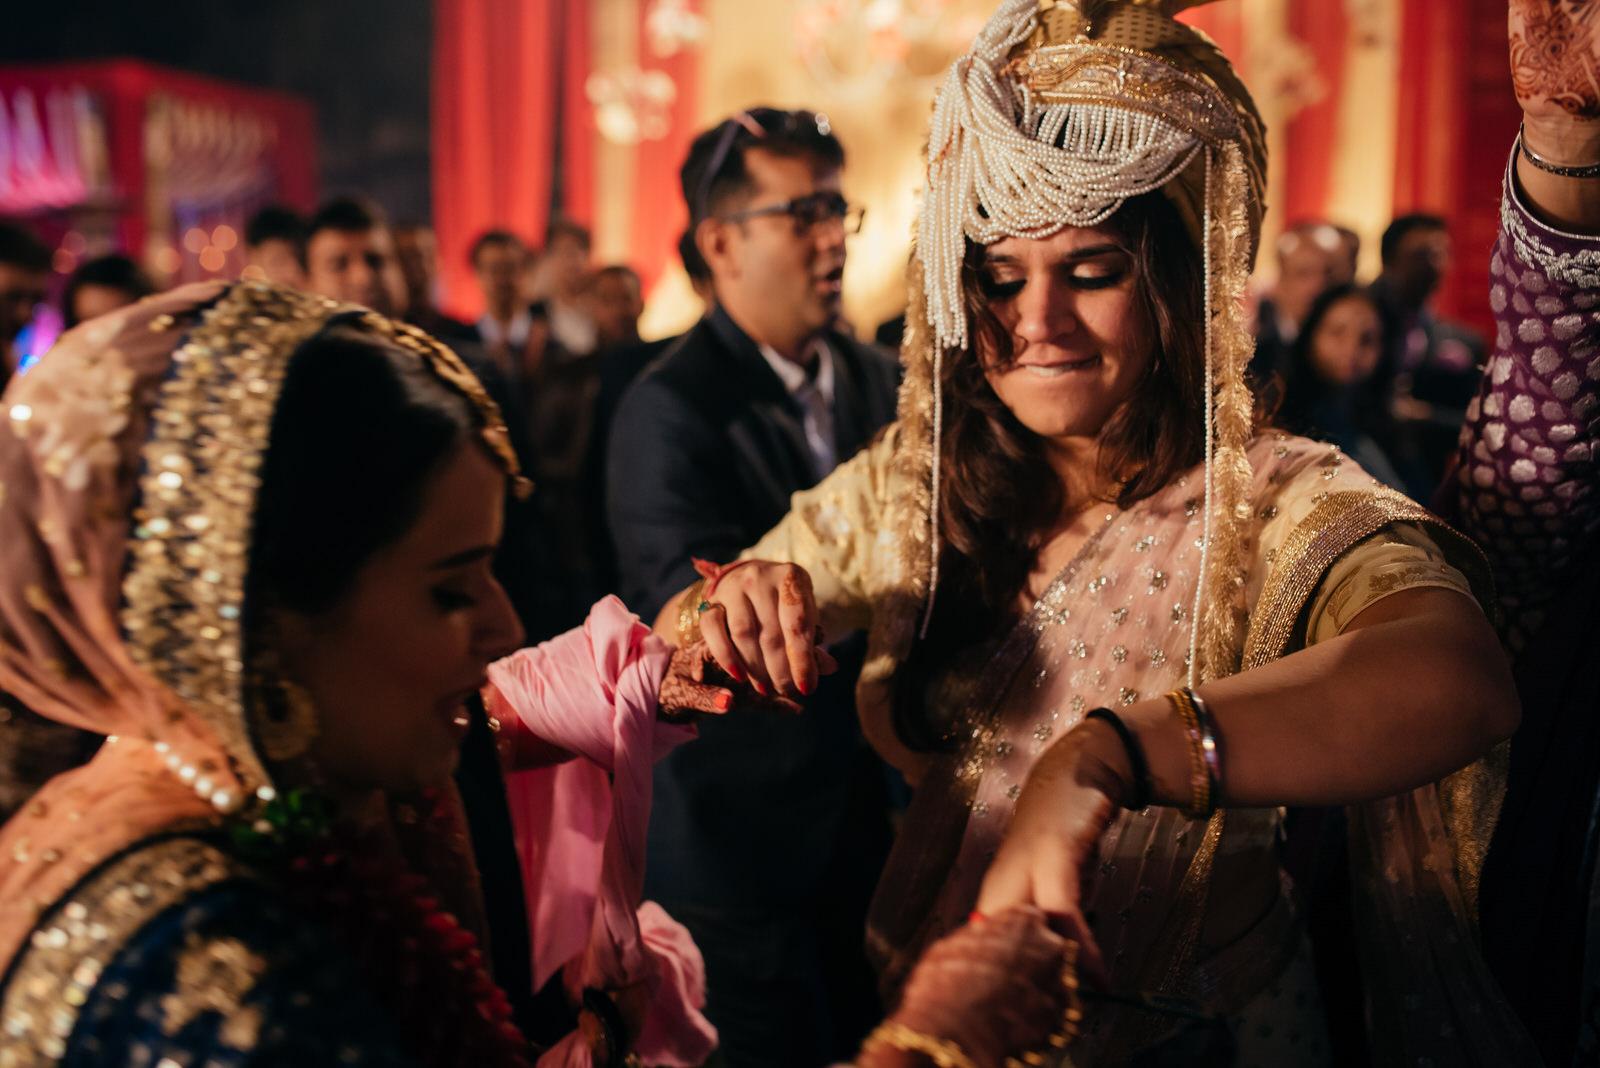 Hindu Night Wedding Day 2 - Camera 1-495.jpg